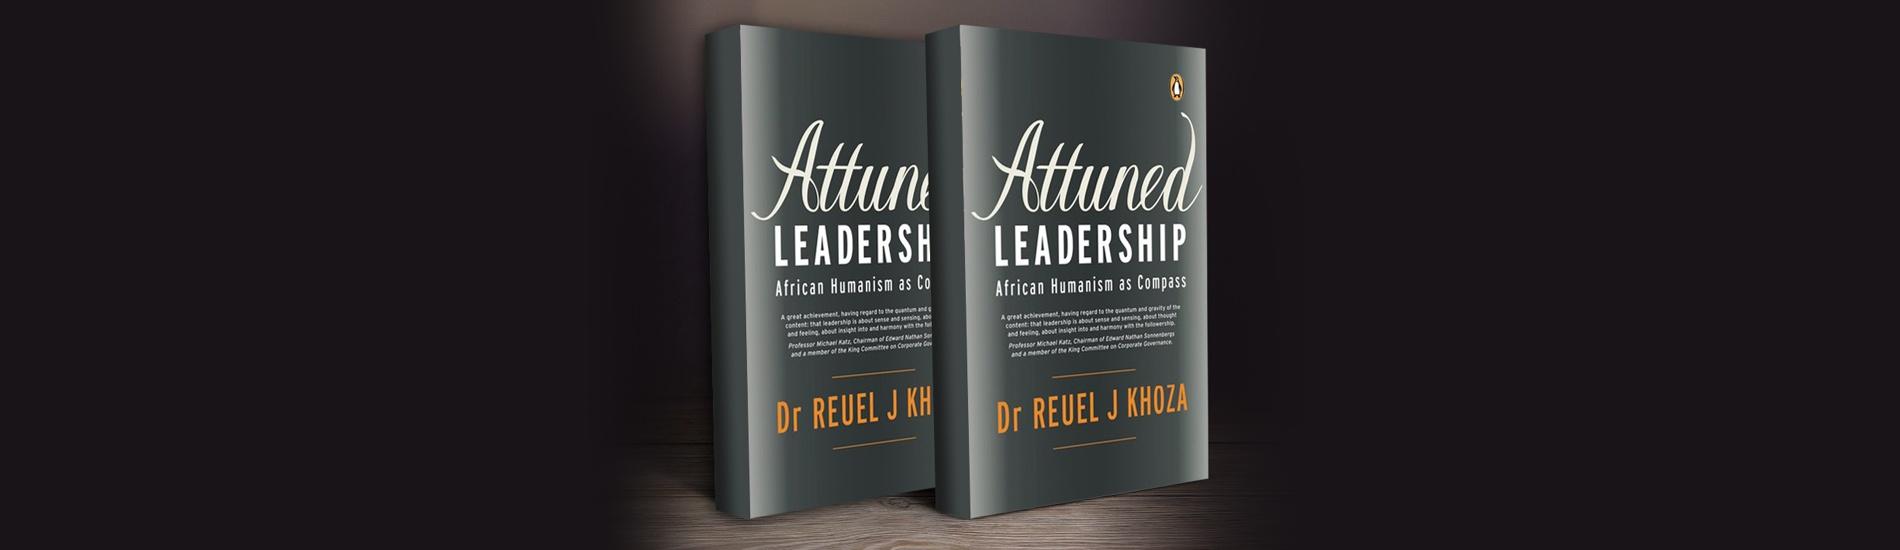 Attuned Leadership